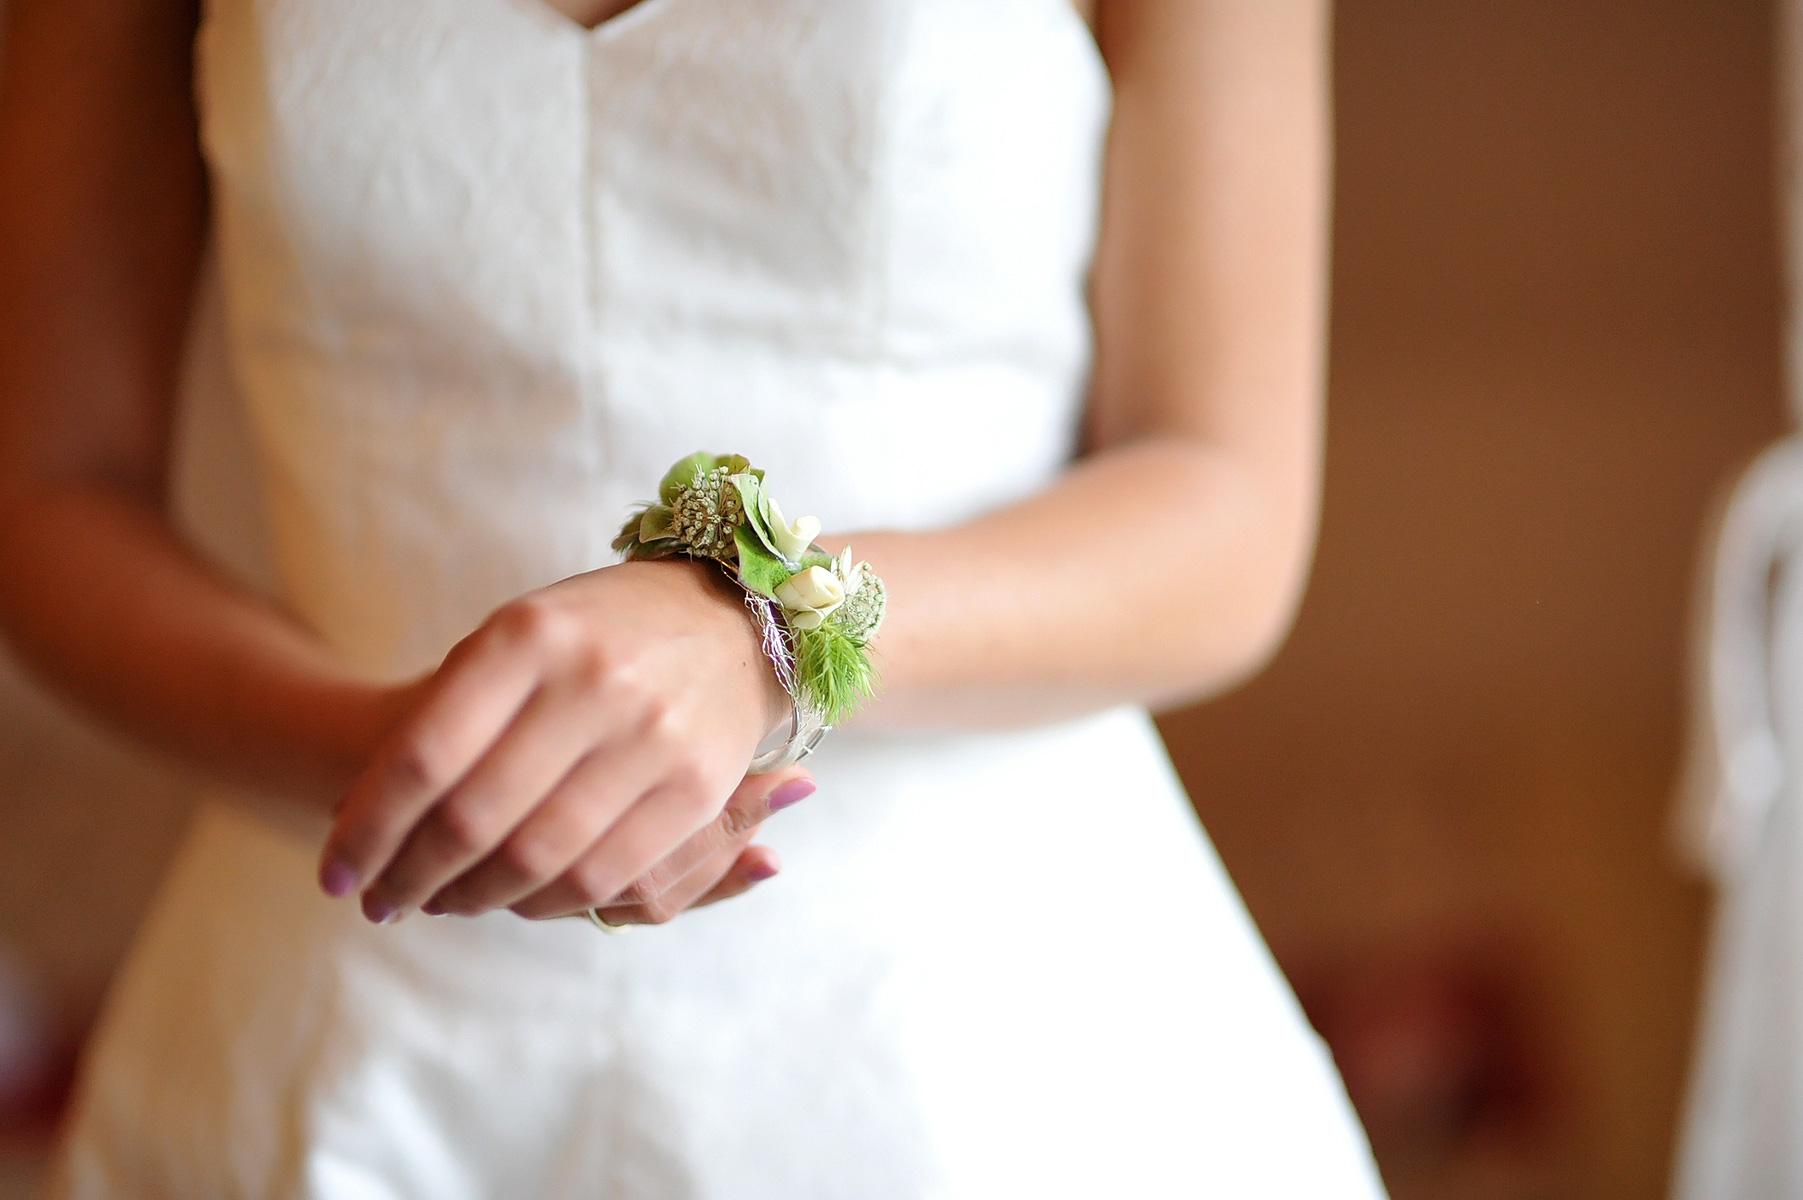 Hochzeitsfotografie Ankleiden Braut, Koblenz, Lahnstein, Neuwied, Bendorf, Kobern-Gondorf, Bonn, Köln, Frankfurt, Hochzeitsreportage, Hochzeitsfotografin Nicole Bouillon Fotografie